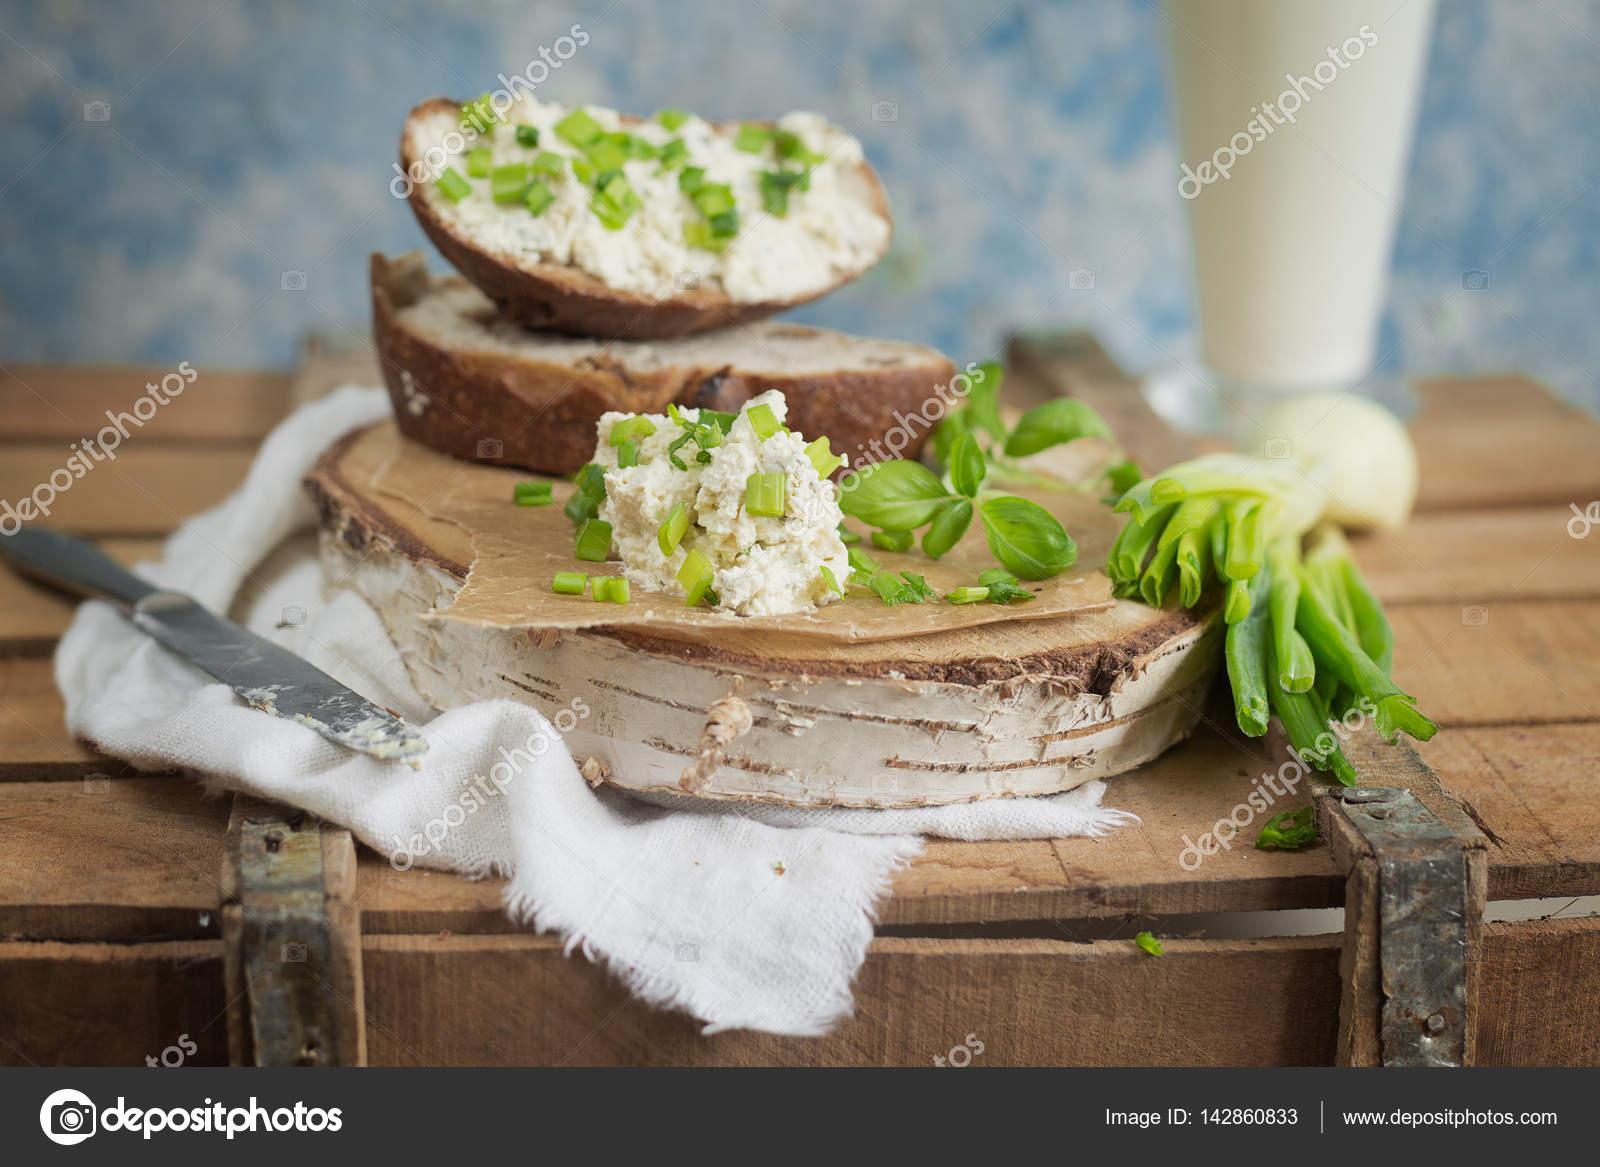 Imagenes De Queso Crema: Pan Con Queso Crema Y Ciboulette